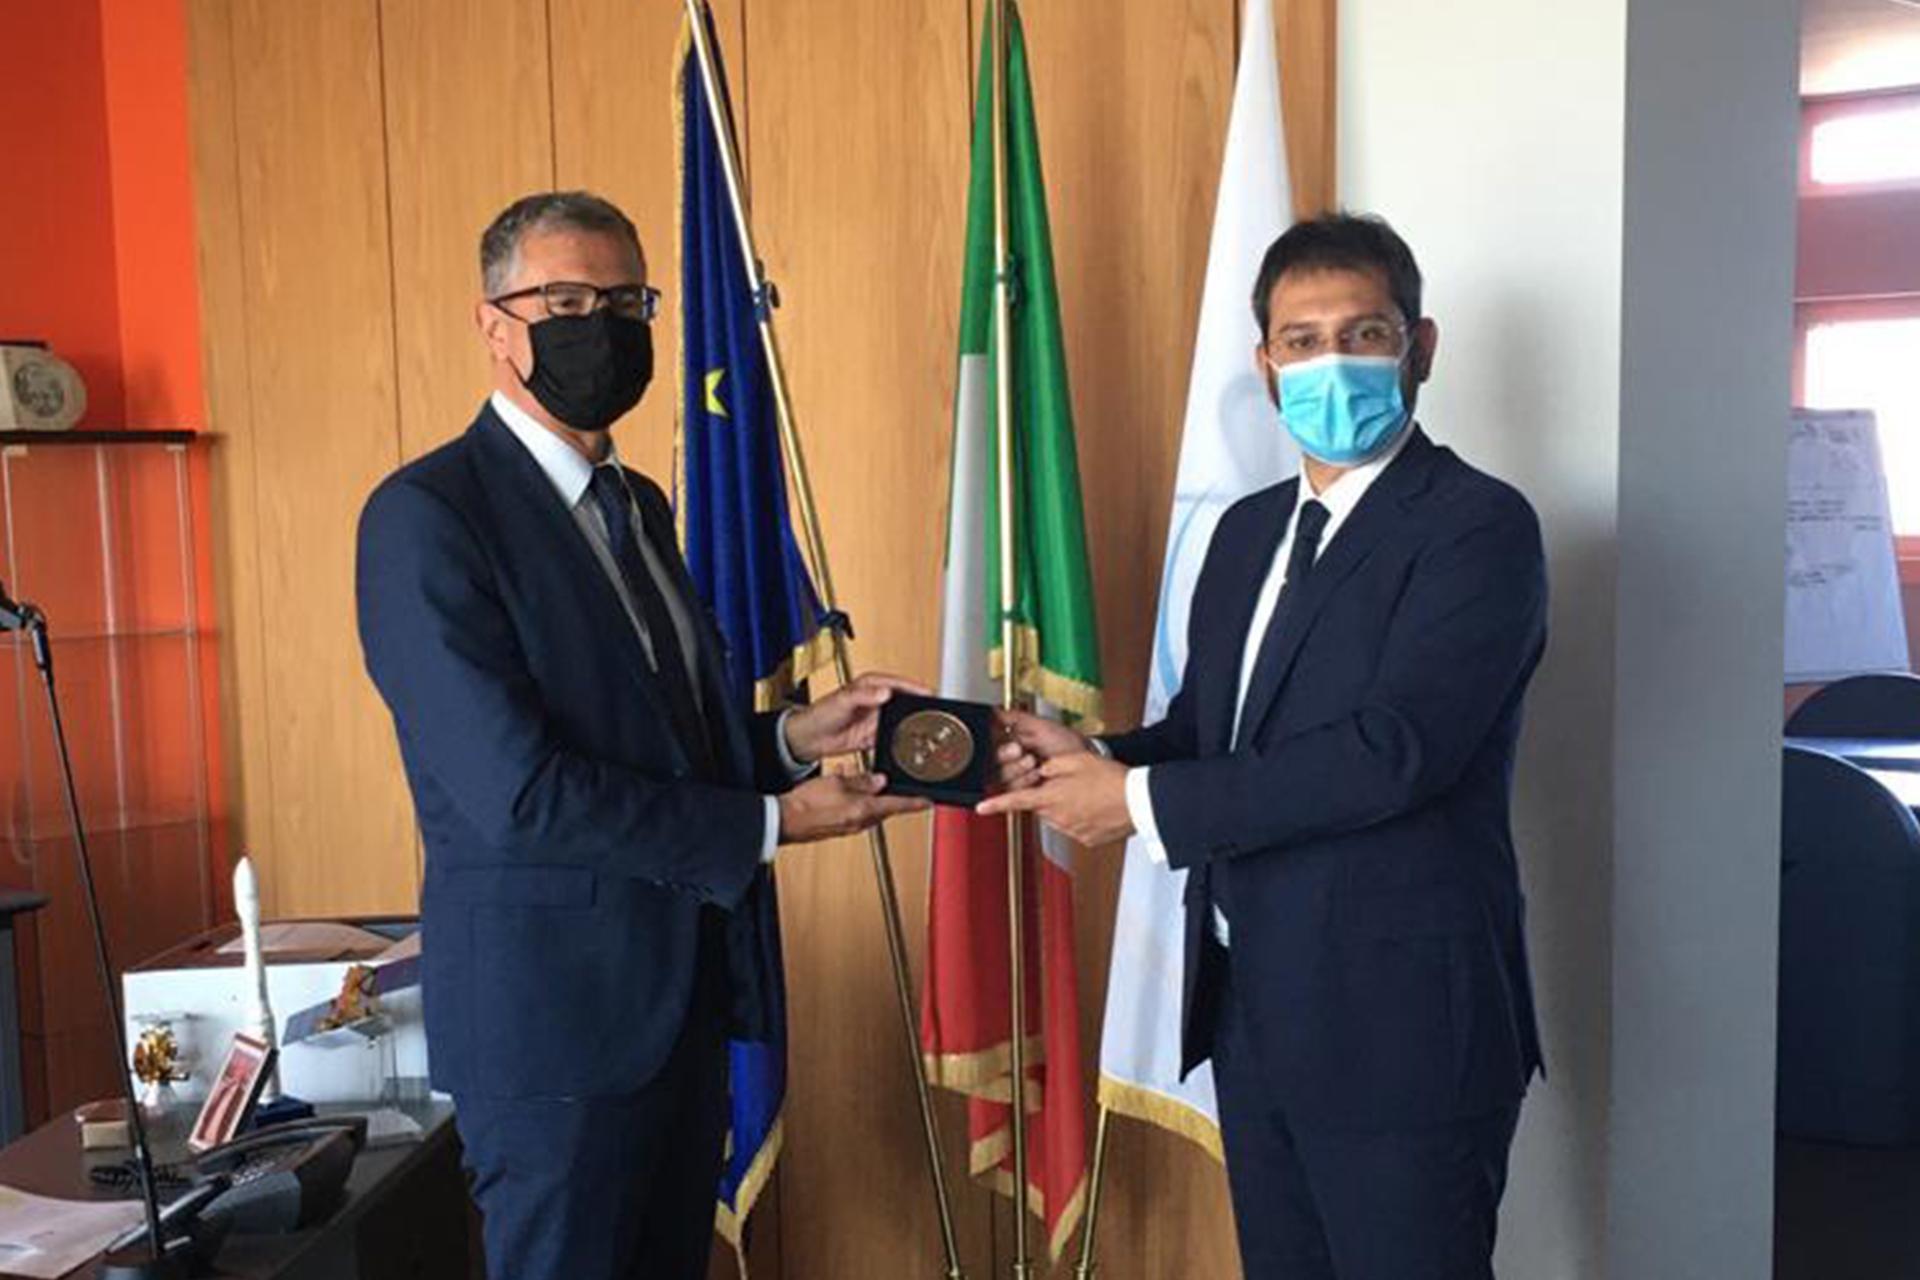 ASI - Il sottosegretario alla Difesa, Angelo Tofalo, in visita in ASI